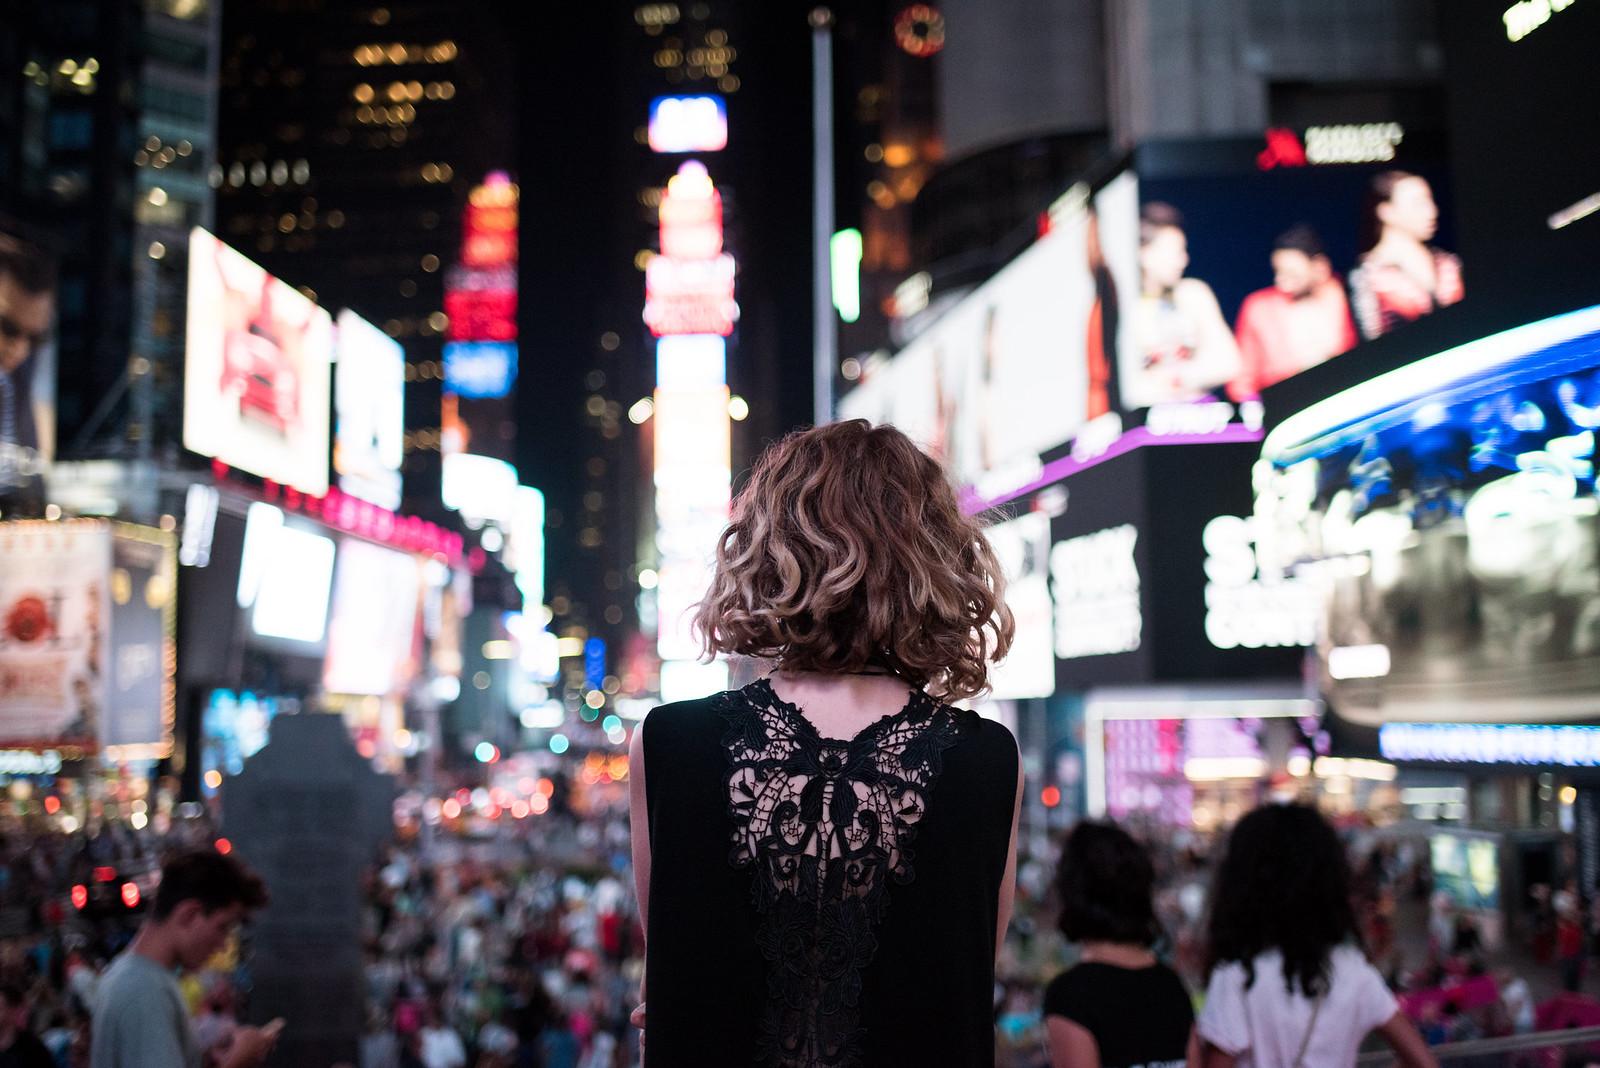 Times Square in Jaelle on juliettelaura.blogspot.com